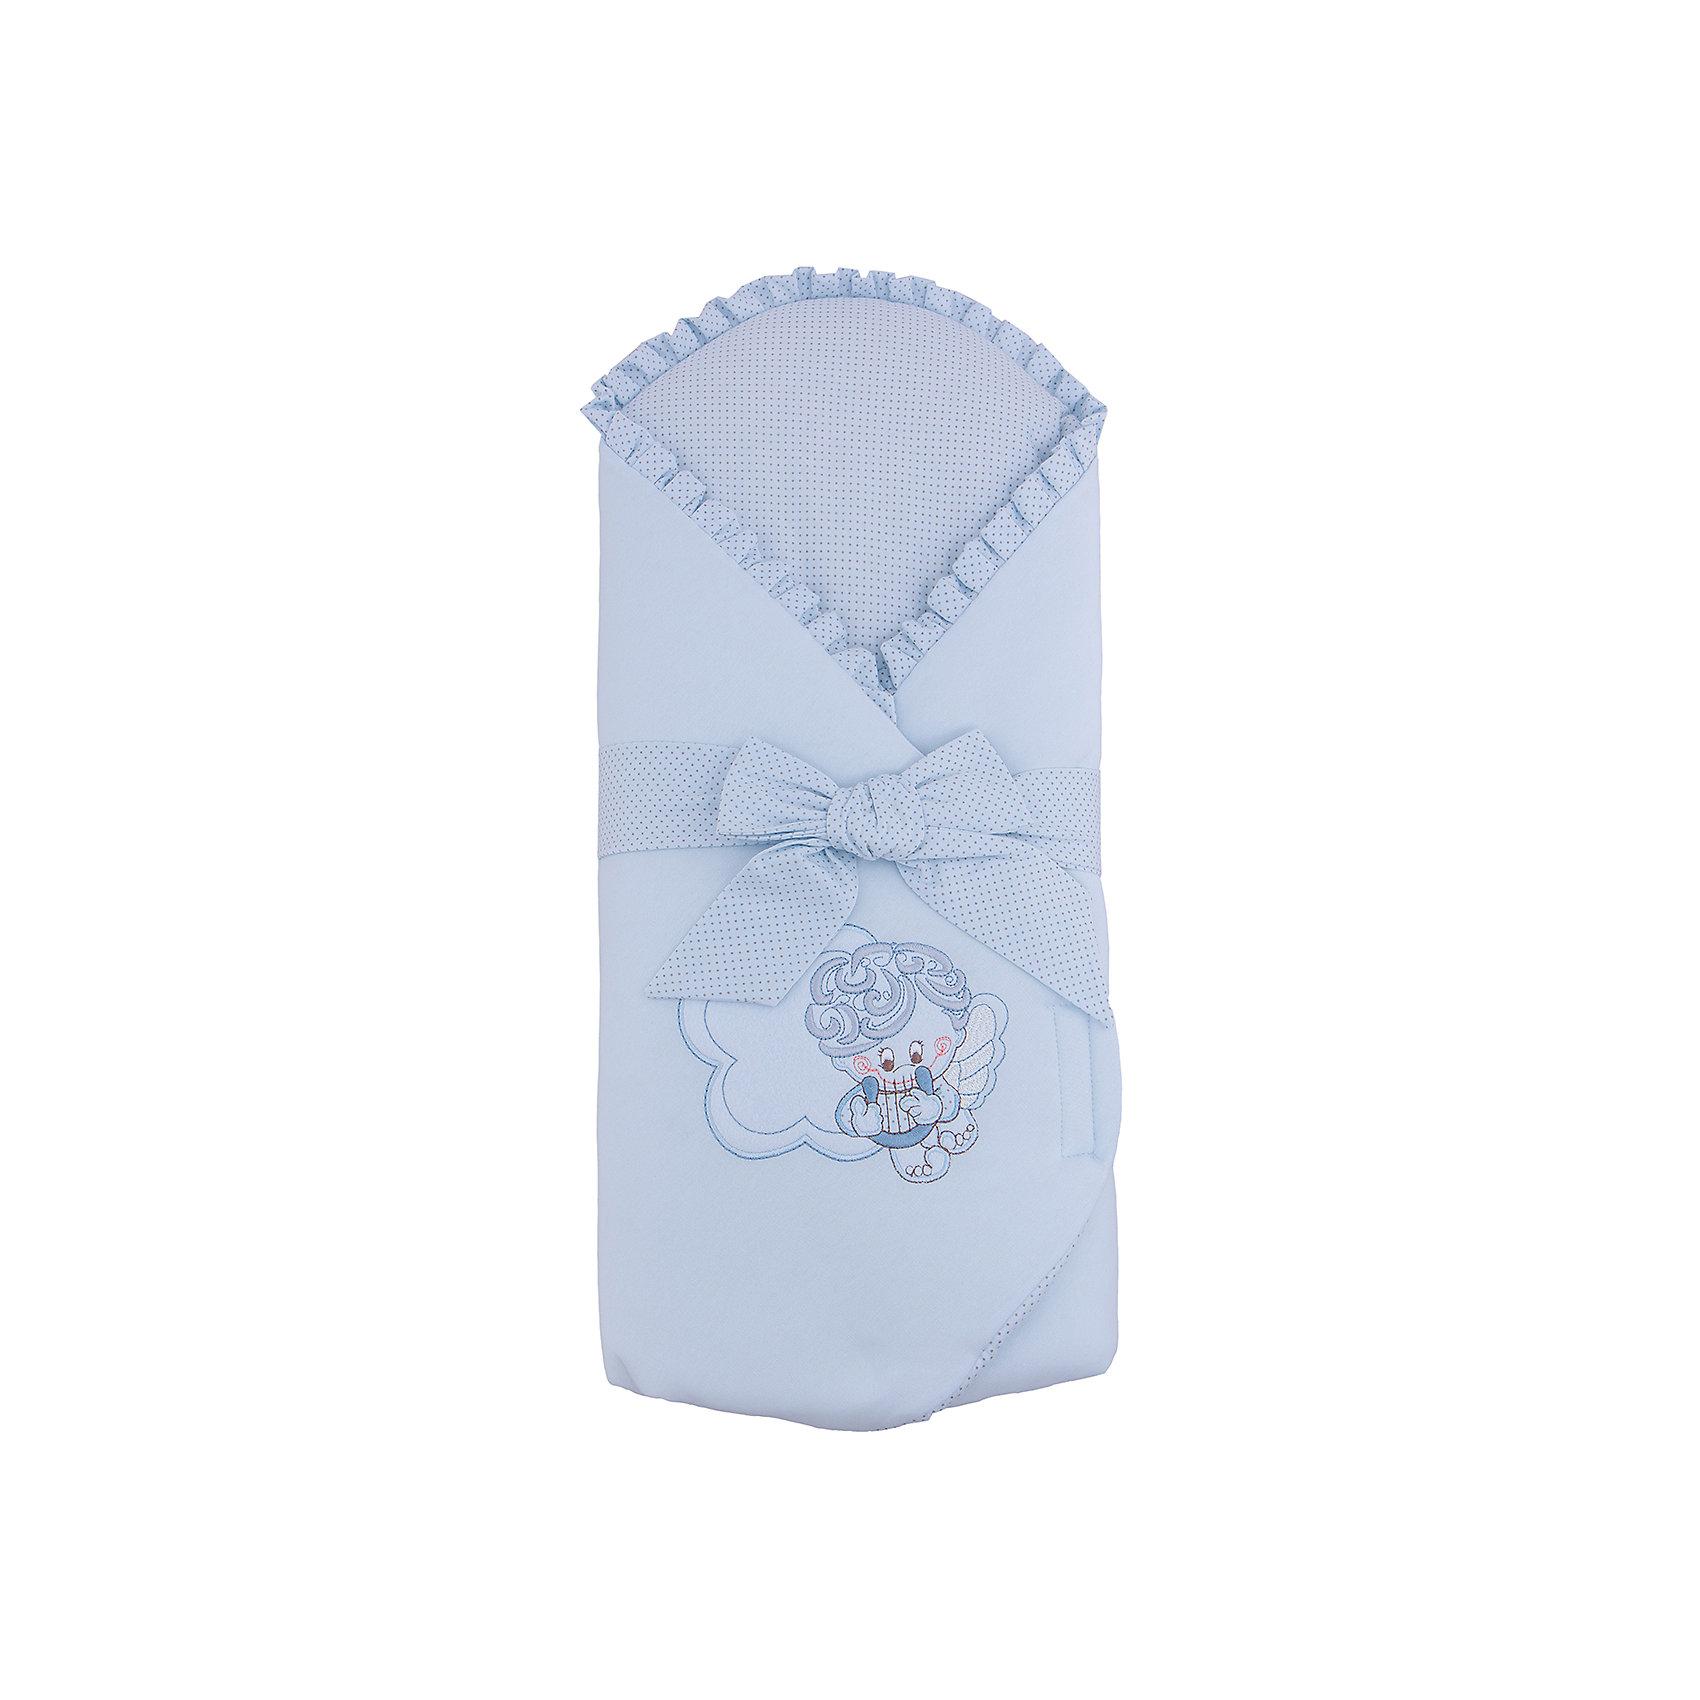 Конверт на выписку Moli, SOFIJA, голубойКонверты на выписку<br>Moli - конверт для выписки от известного польского бренда детских товаров Sofija(София). Выполнен из 100% хлопка высокого качества и отлично подойдет для прогулок после выписки. Конверт украшен декоративным бантом, оборками, вышивкой и милым принтом с ангелочком. Ткань приятна телу и не вызывает раздражения. Прогулки с таким конвертом будут комфортны и для малыша, и для родителей!<br>Дополнительная информация:<br>-застегивается на липучку<br>-съемный кокосовый матрасик<br>-украшен оборками, декоративным бантом,  принтом и вышивкой<br>-цвет: голубой<br>-состав: 100% хлопок<br>-вес: 500 грамм<br>-размер: 15х50х90 см<br>Конверт для выписки Moli можно купить в нашем интернет-магазине.<br><br>Ширина мм: 700<br>Глубина мм: 350<br>Высота мм: 35<br>Вес г: 300<br>Возраст от месяцев: -2147483648<br>Возраст до месяцев: 2147483647<br>Пол: Мужской<br>Возраст: Детский<br>SKU: 4904886